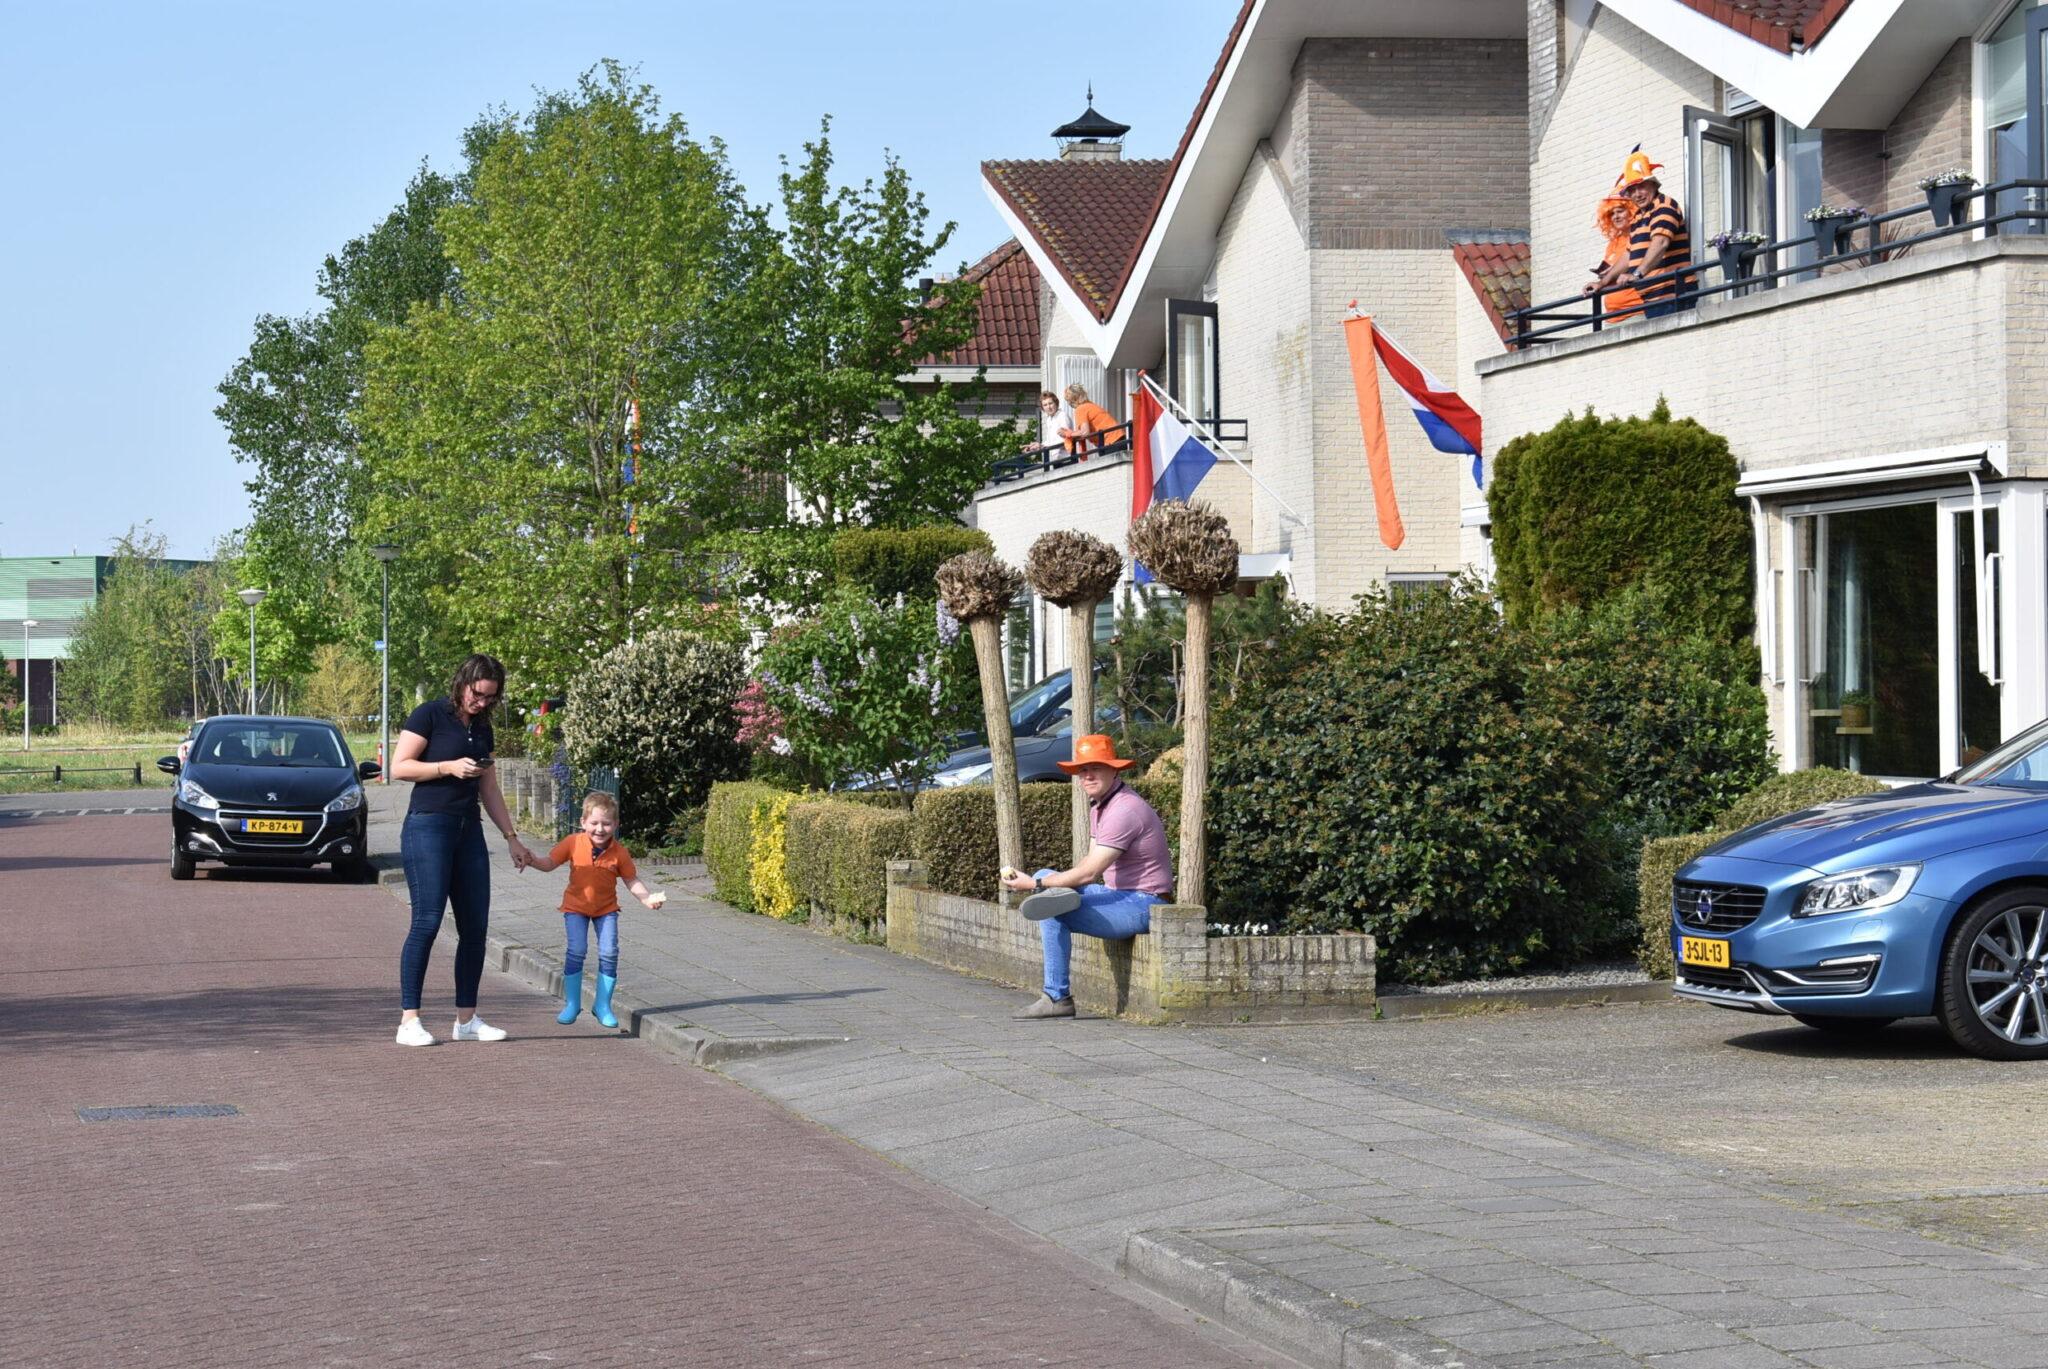 Wilhelmus Harderwijk Koningsdag Woningsdag 2020